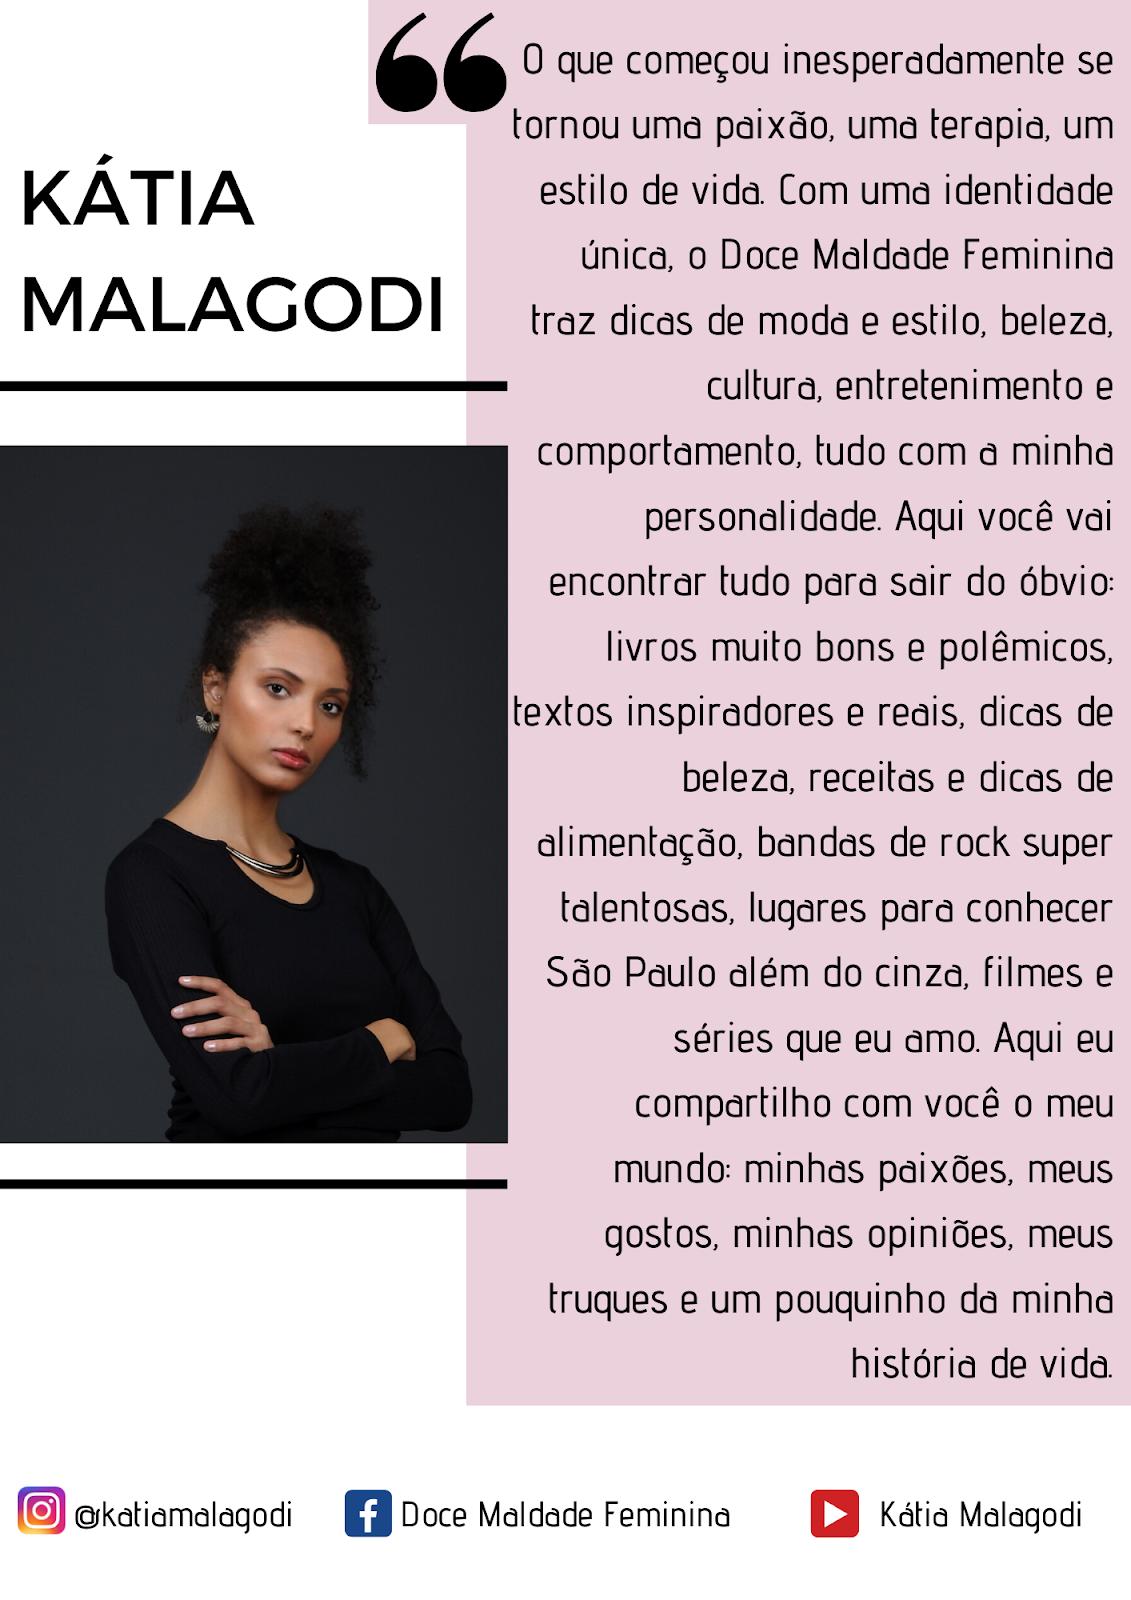 Sobre o blog Doce Maldade Feminina por Kátia Malagodi- Blog de moda, beleza, cultura, entretenimento. Dicas de moda, dicas de beleza, dicas de entretenimento.